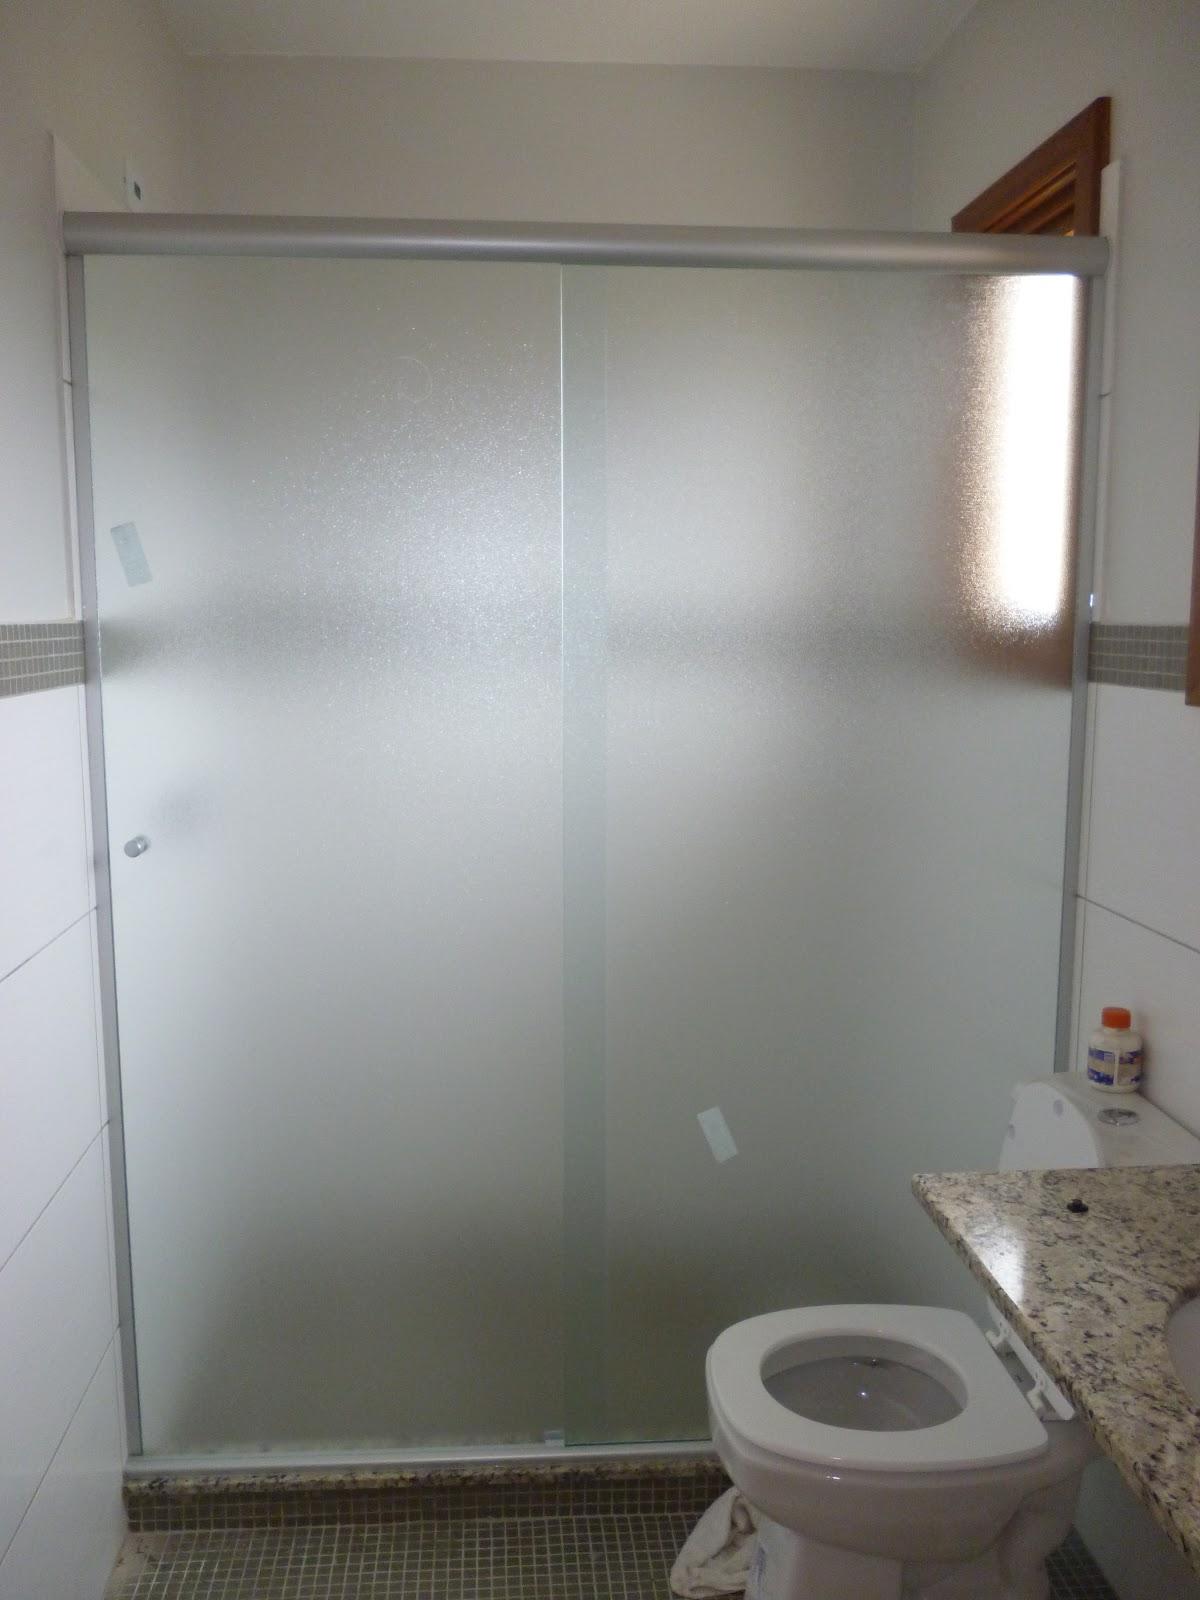 Box vidro pontilhado 8 mm acabamento fosco e box liso #746357 1200x1600 Banheiro Container Sp